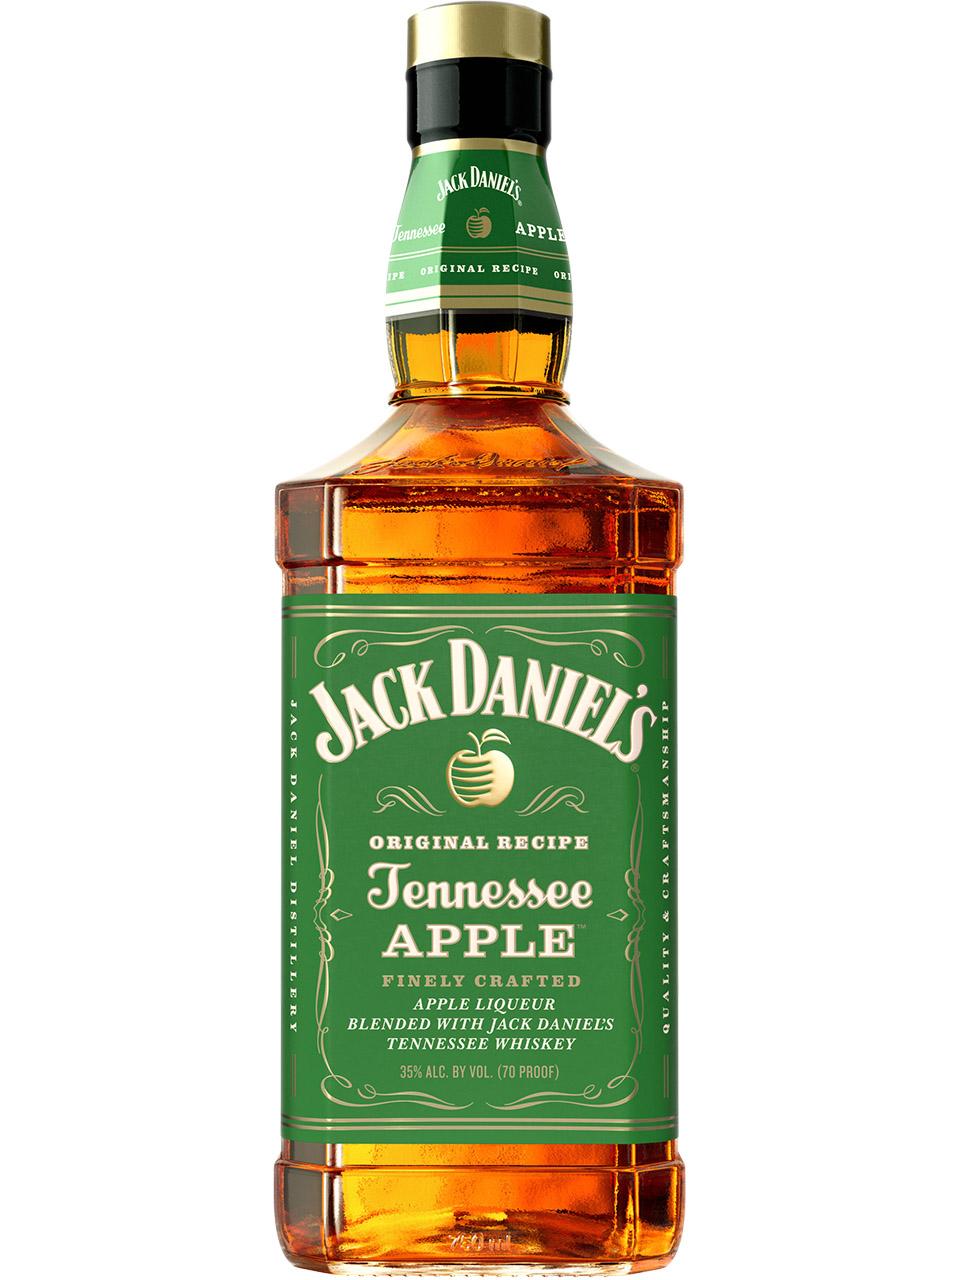 Jack Daniel's Apple Whiskey